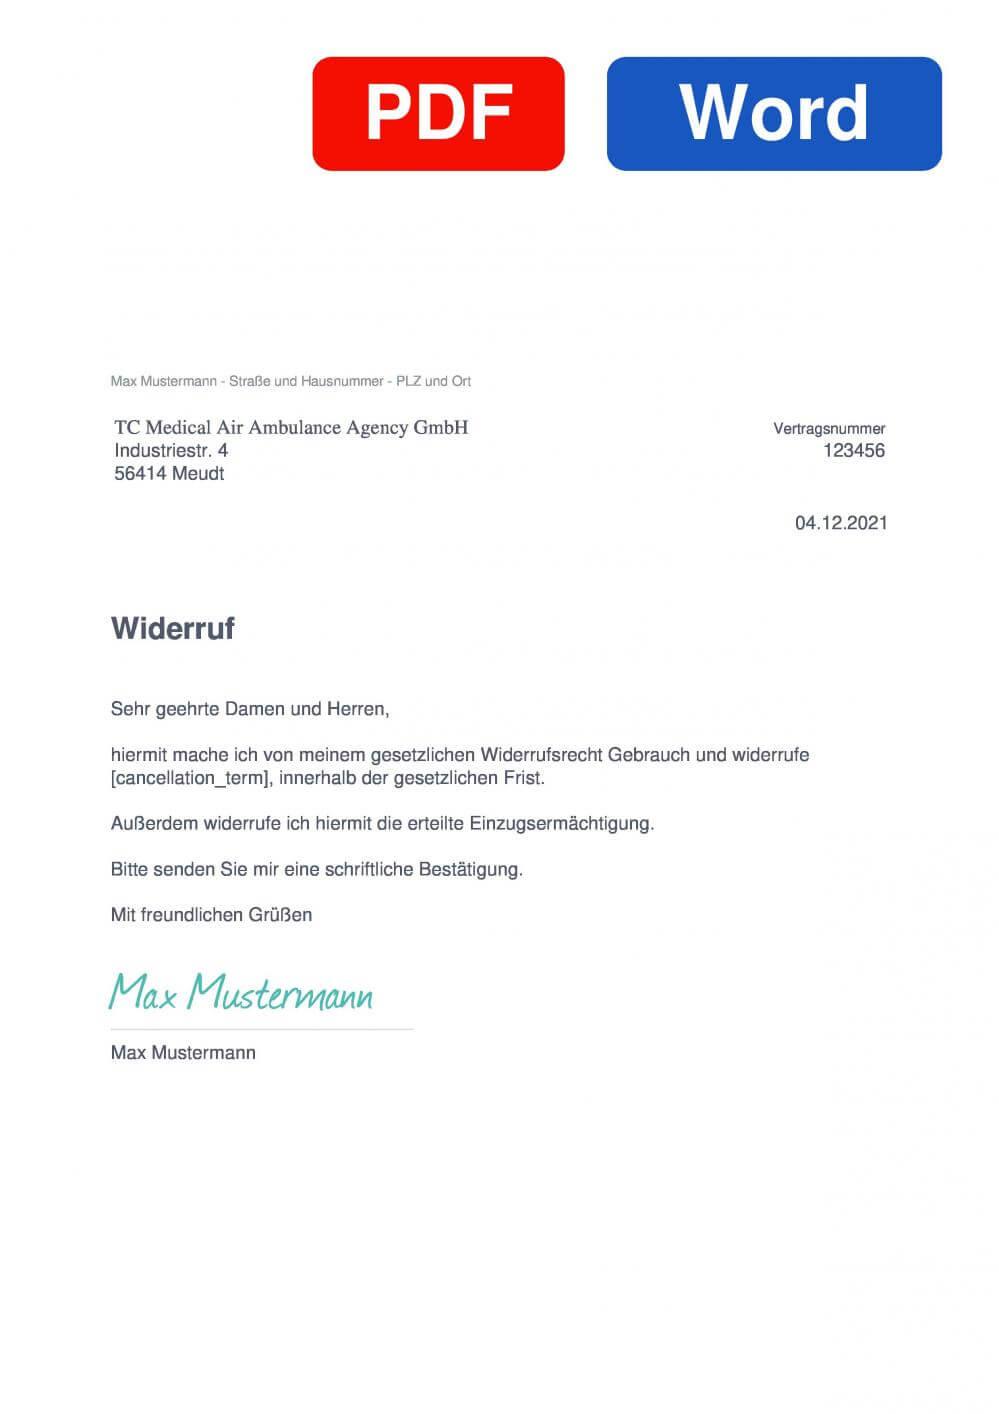 TC Medical Air Ambulance Muster Vorlage für Wiederrufsschreiben